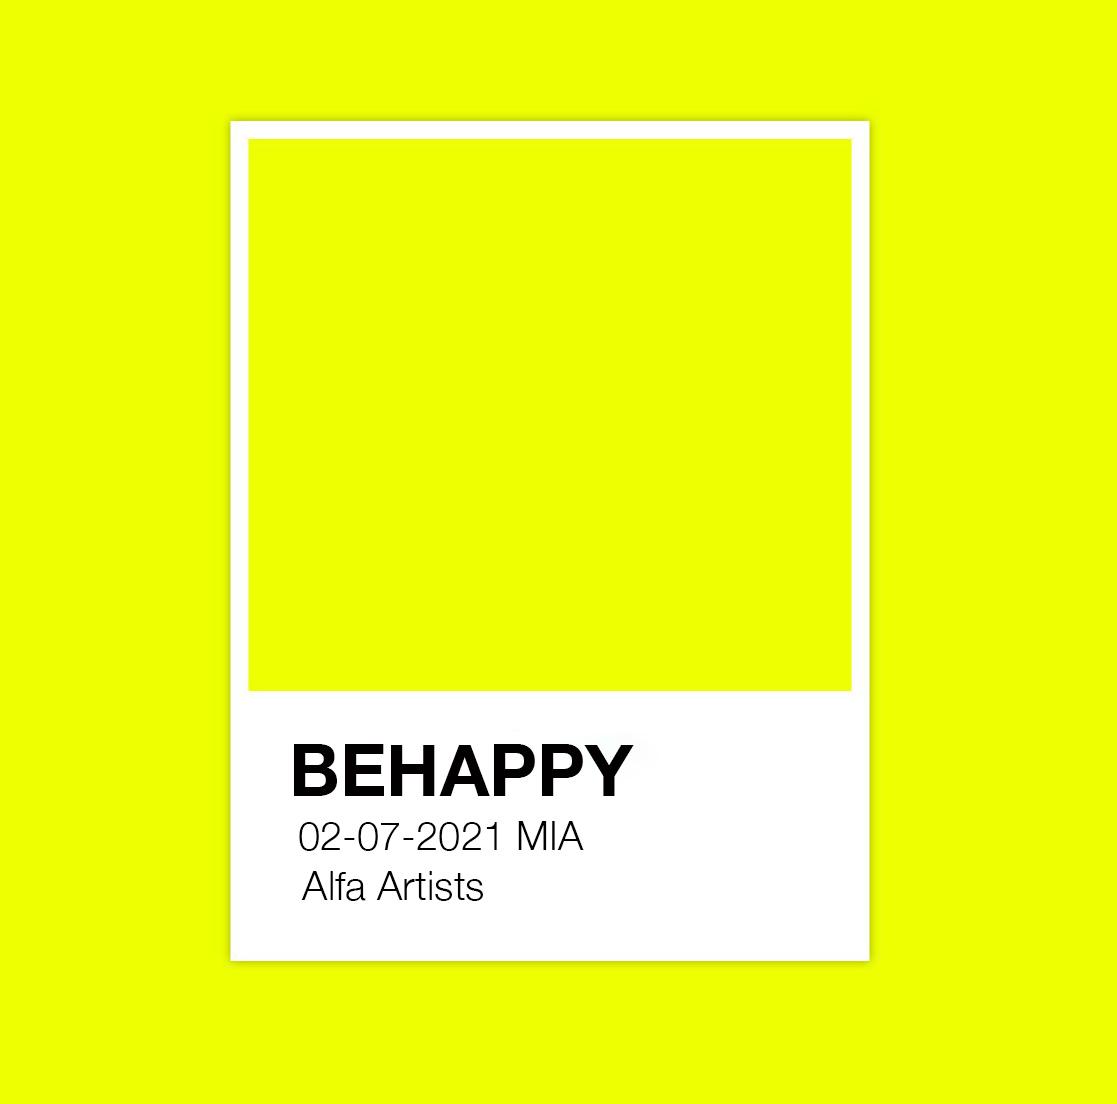 Group exhibition Behappy